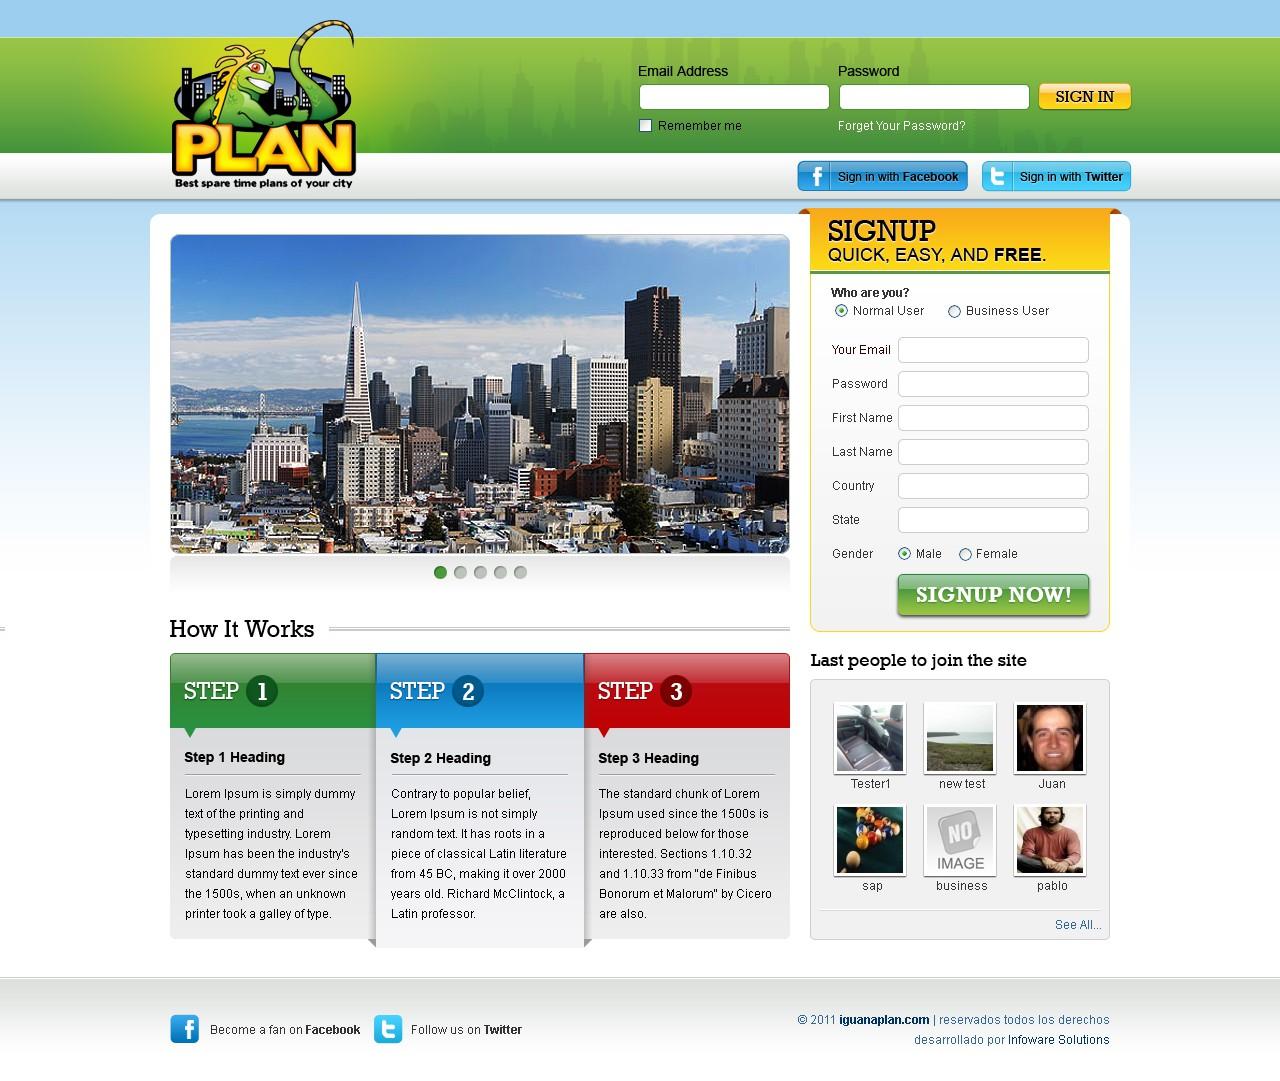 I wanna plan needs a new website design